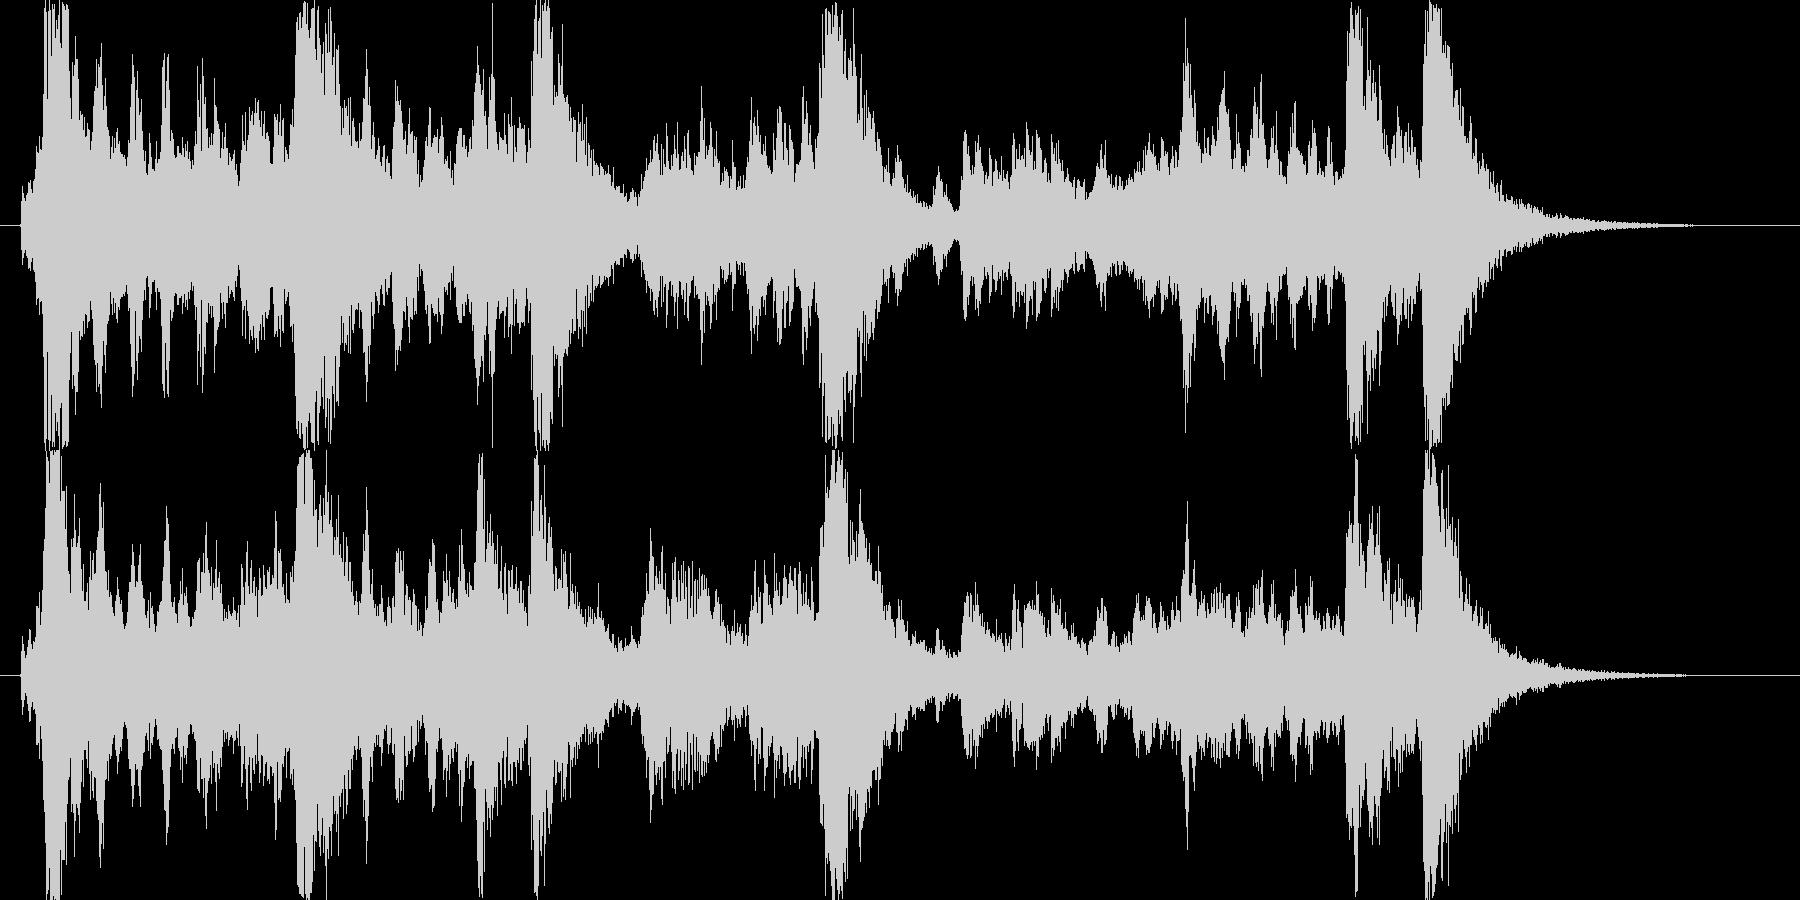 交響曲風なインパクトのある勇ましい曲の未再生の波形